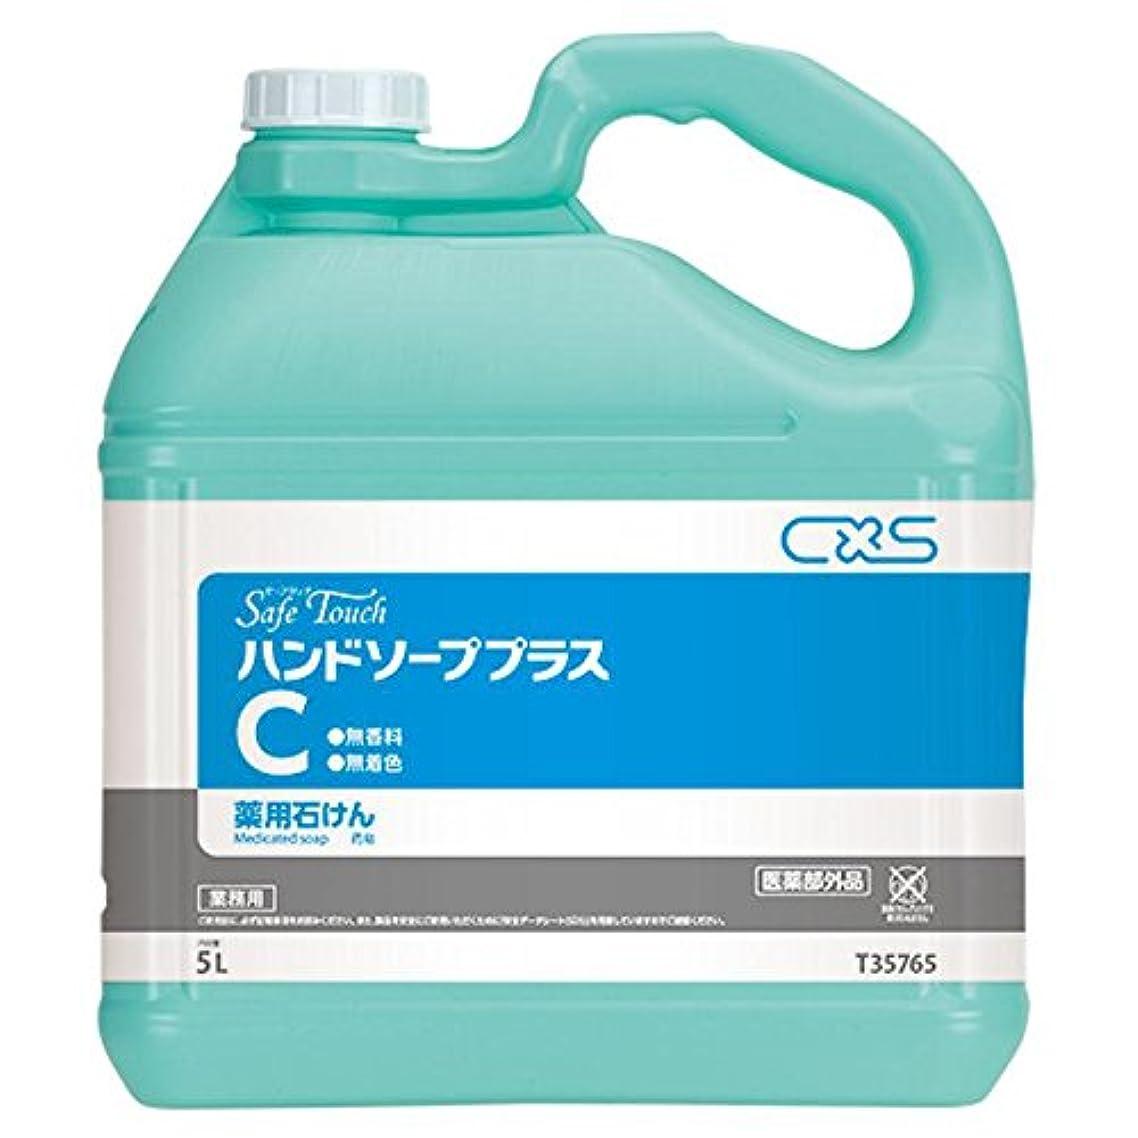 テーブルサポートはねかけるシーバイエス(C×S) 手洗い用石鹸 セーフタッチハンドソーププラスC 5L